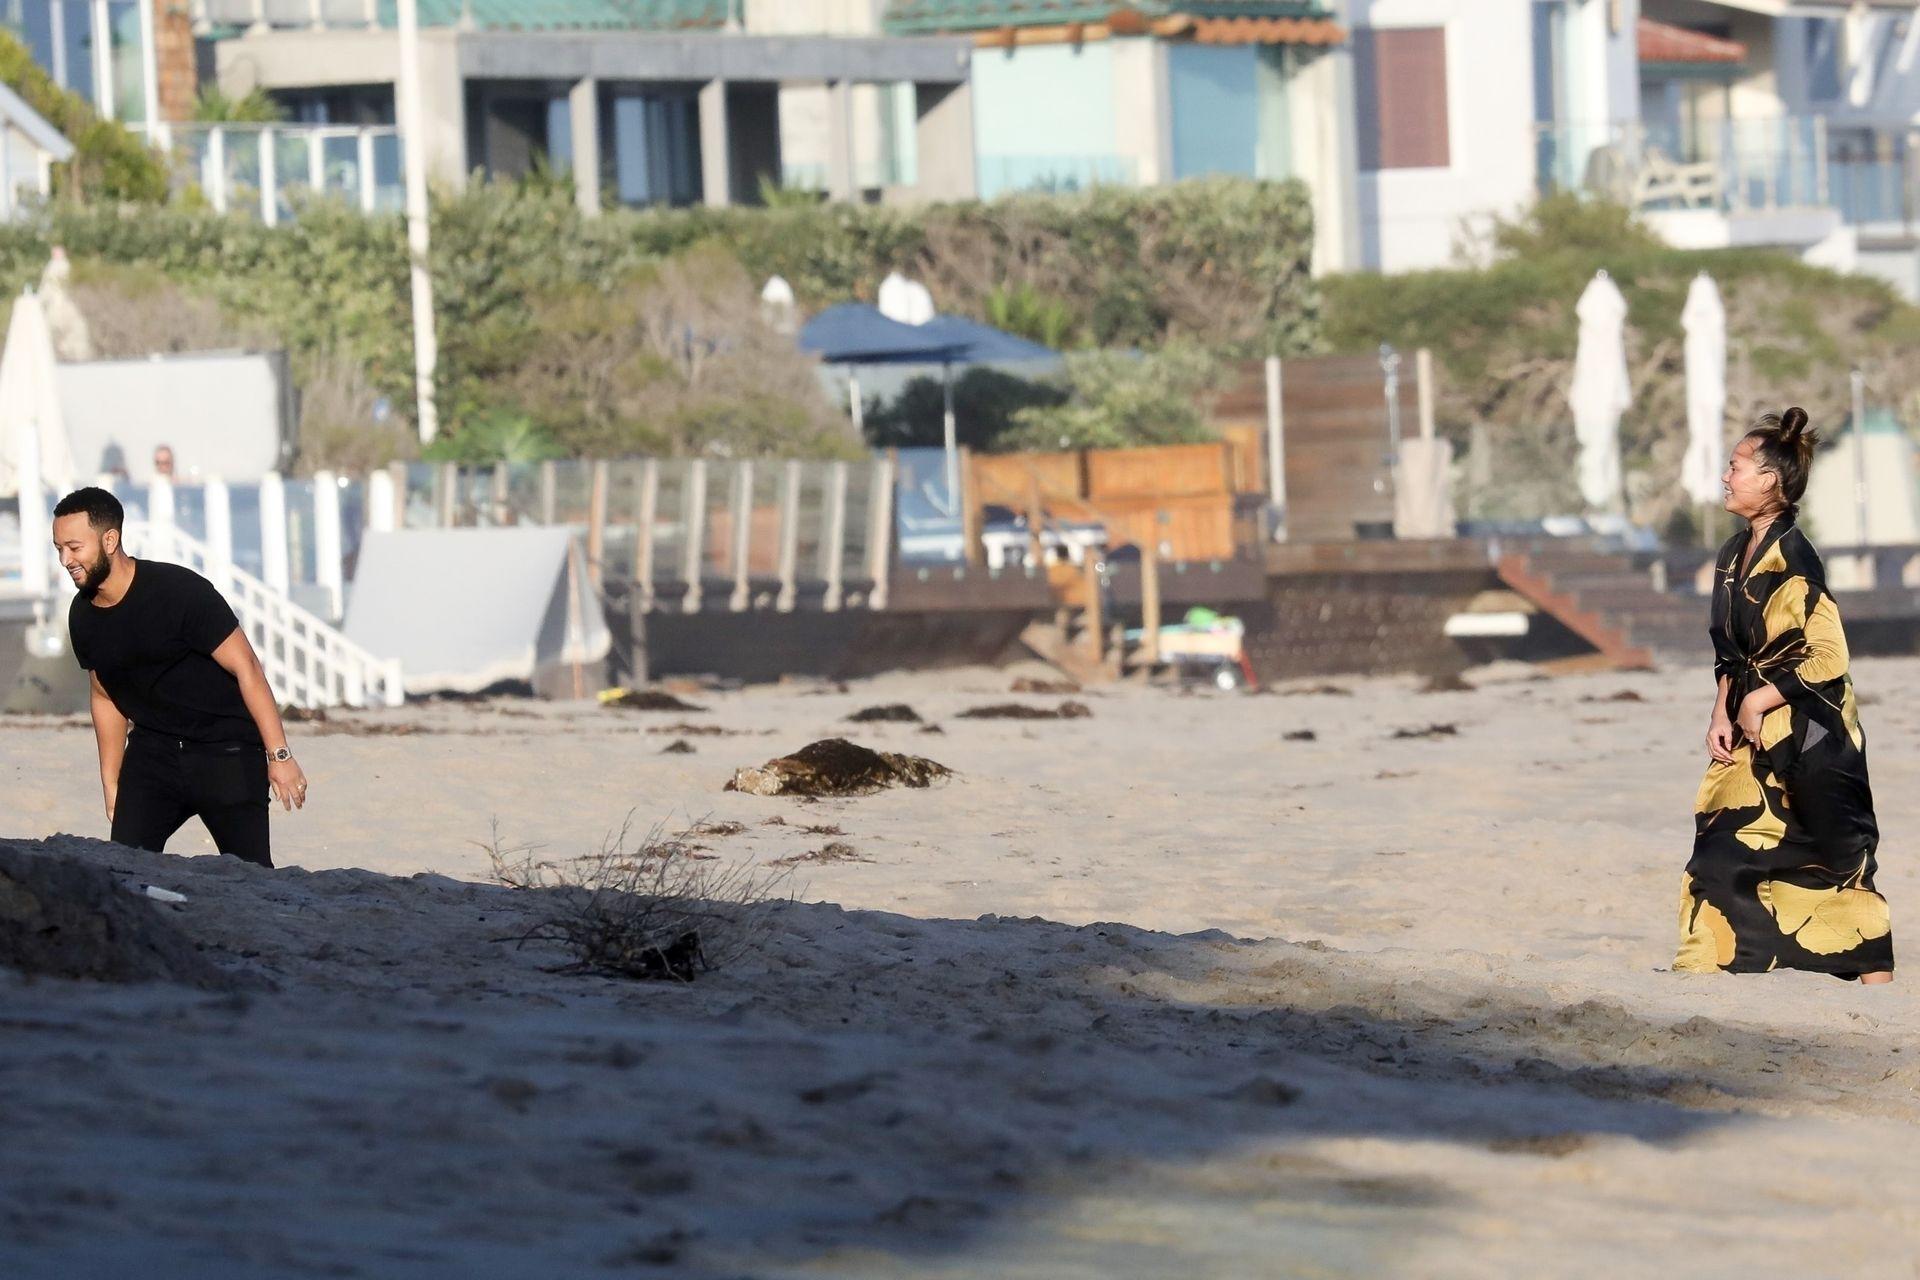 Chrissy Teigen Enjoys A Beach Day In Malibu Amid All Coronavirus Chaos 0024